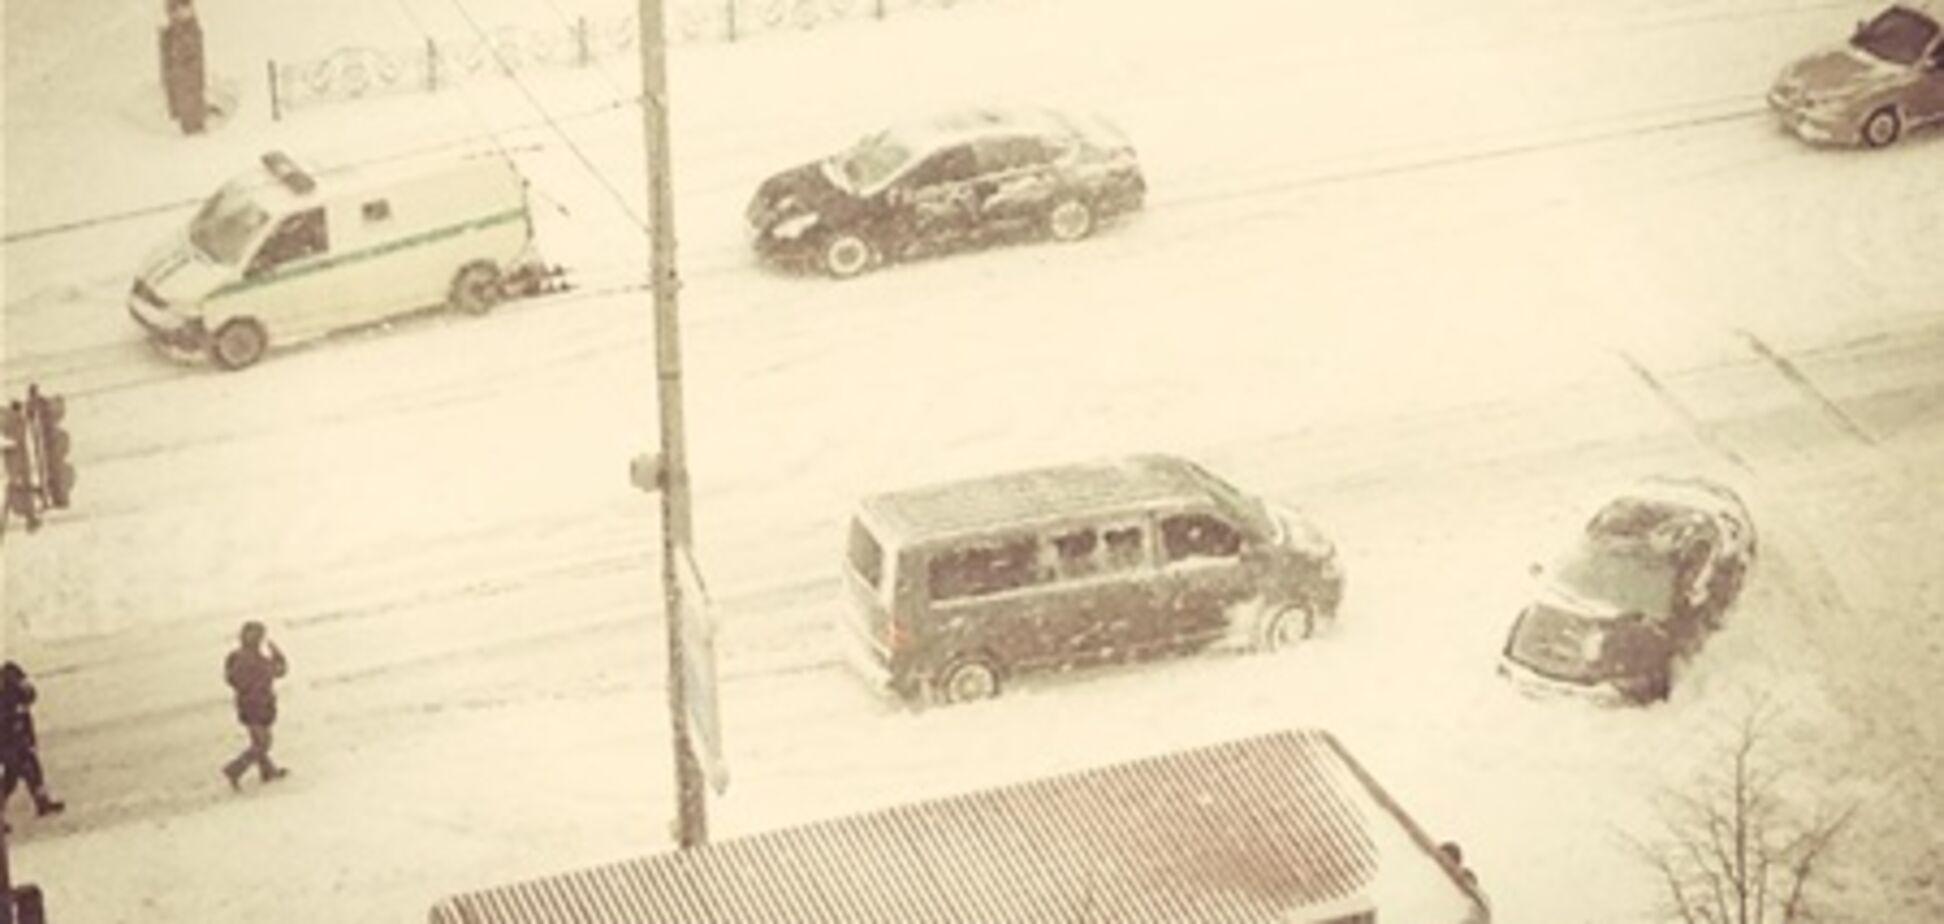 Из-за снега прямо на улице бросили инкассаторскую машину. Фото